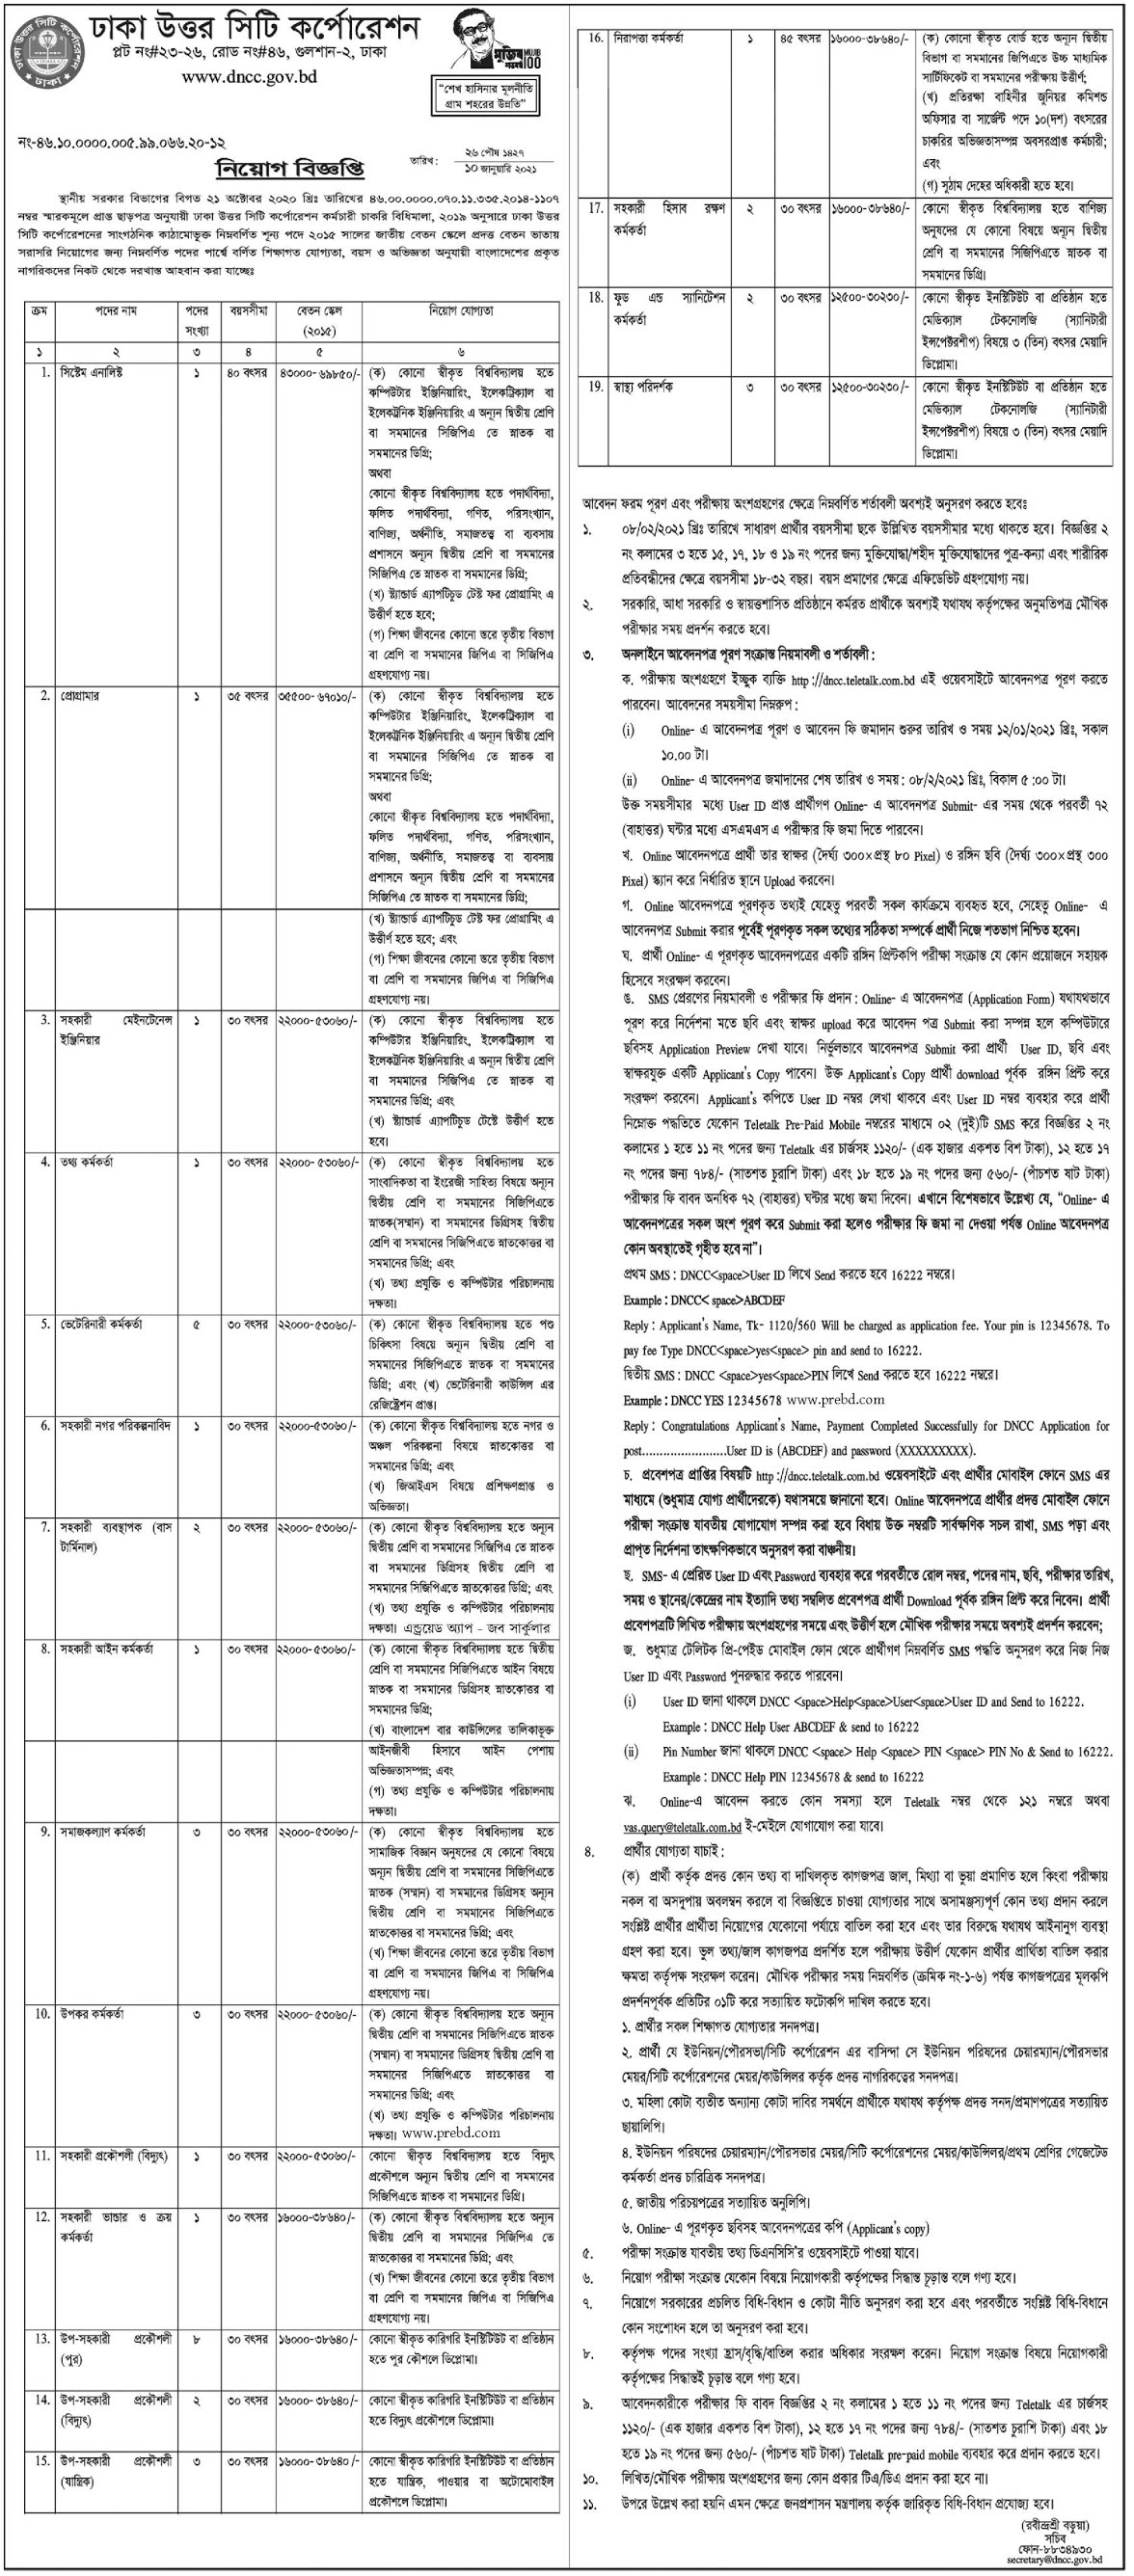 ঢাকা উত্তর সিটি কর্পোরেশন (dncc) এ নিয়োগ বিজ্ঞপ্তি ২০২১   www.dncc.gov.bd Job Circular 2021